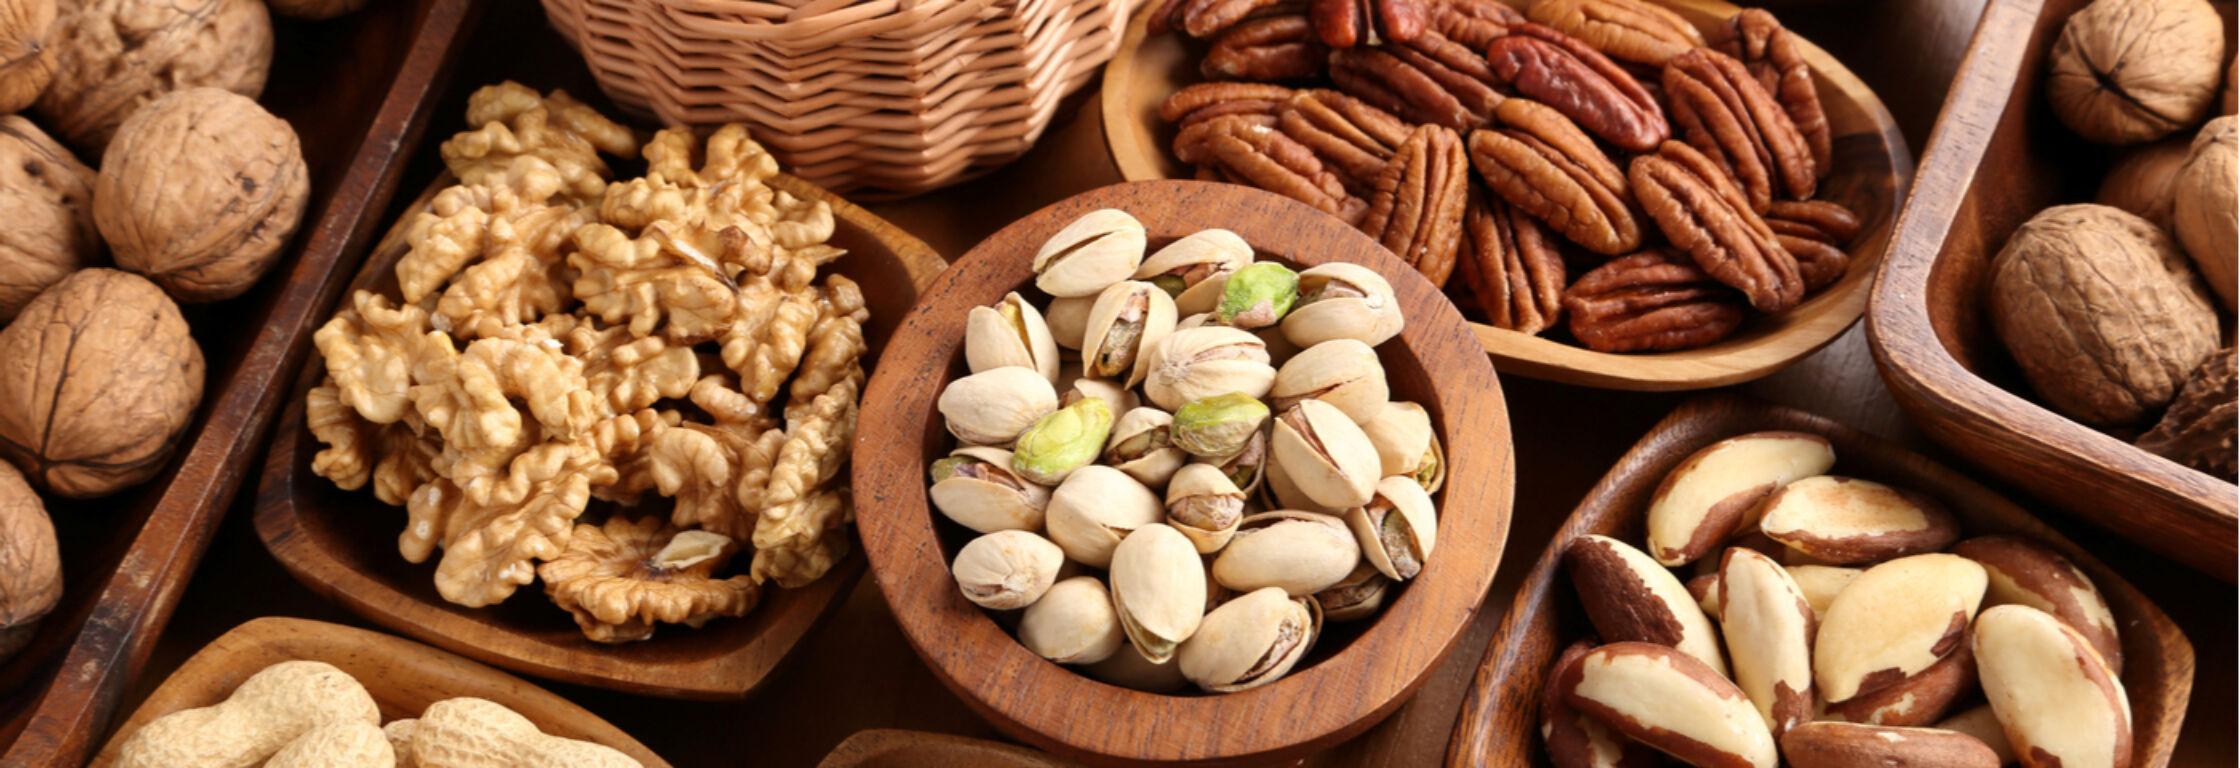 Hoe gezond zijn noten? De feiten op een rij!